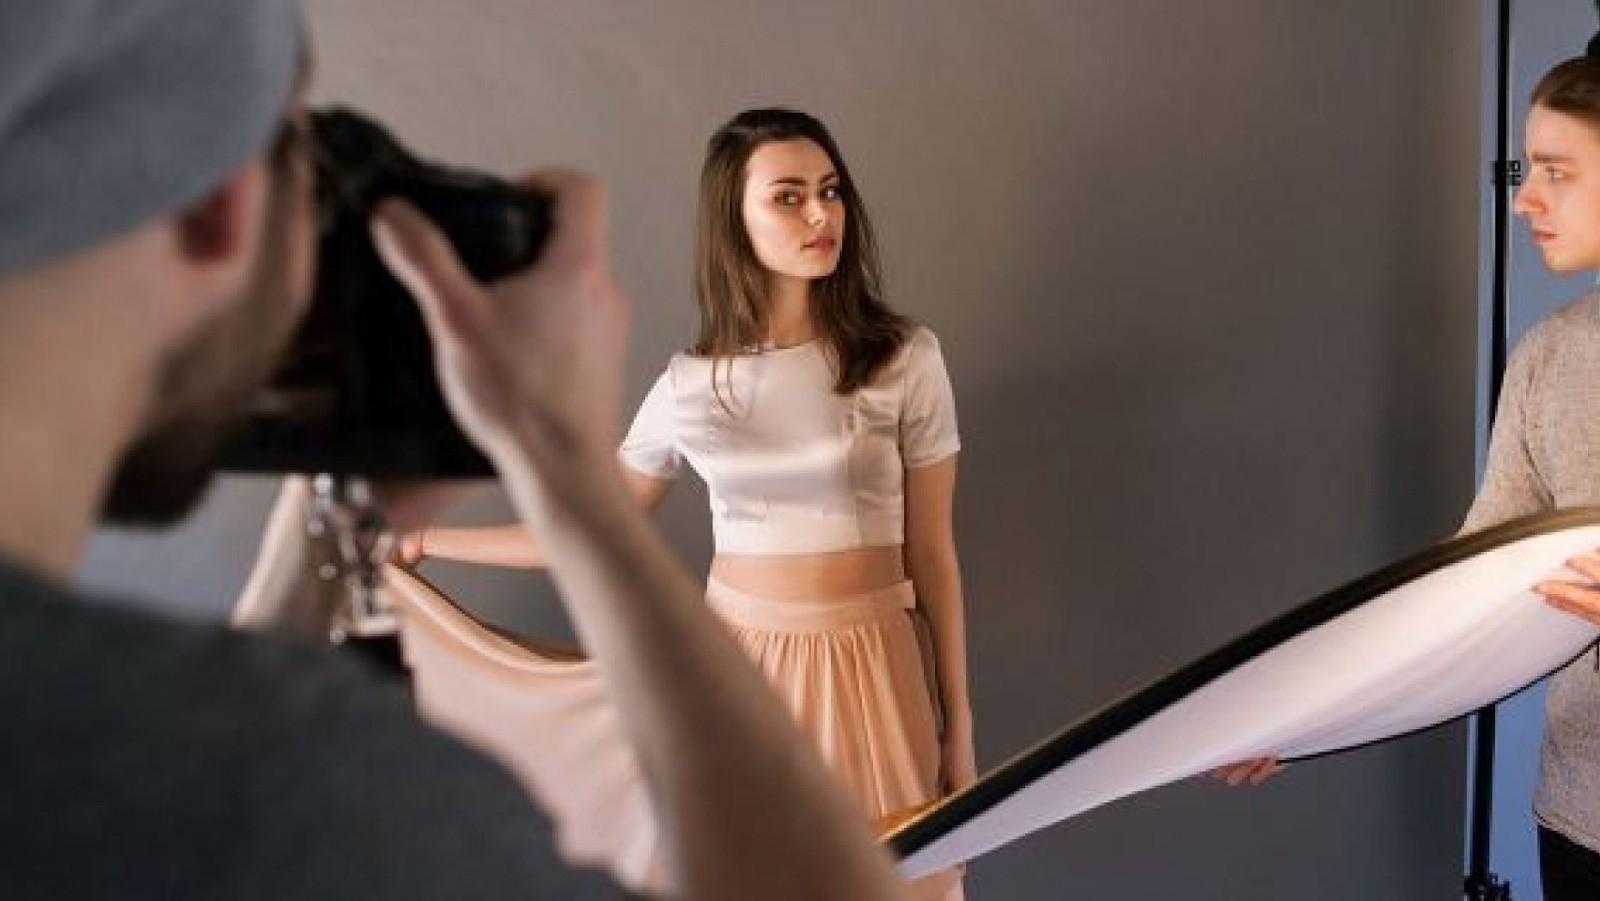 Góc tối của nghề người mẫu: Vừa chụp ảnh không công vừa phục tùng nhiếp ảnh gia như vua chúa, không được gọi bằng tên mà chỉ gọi bằng số - Ảnh 9.